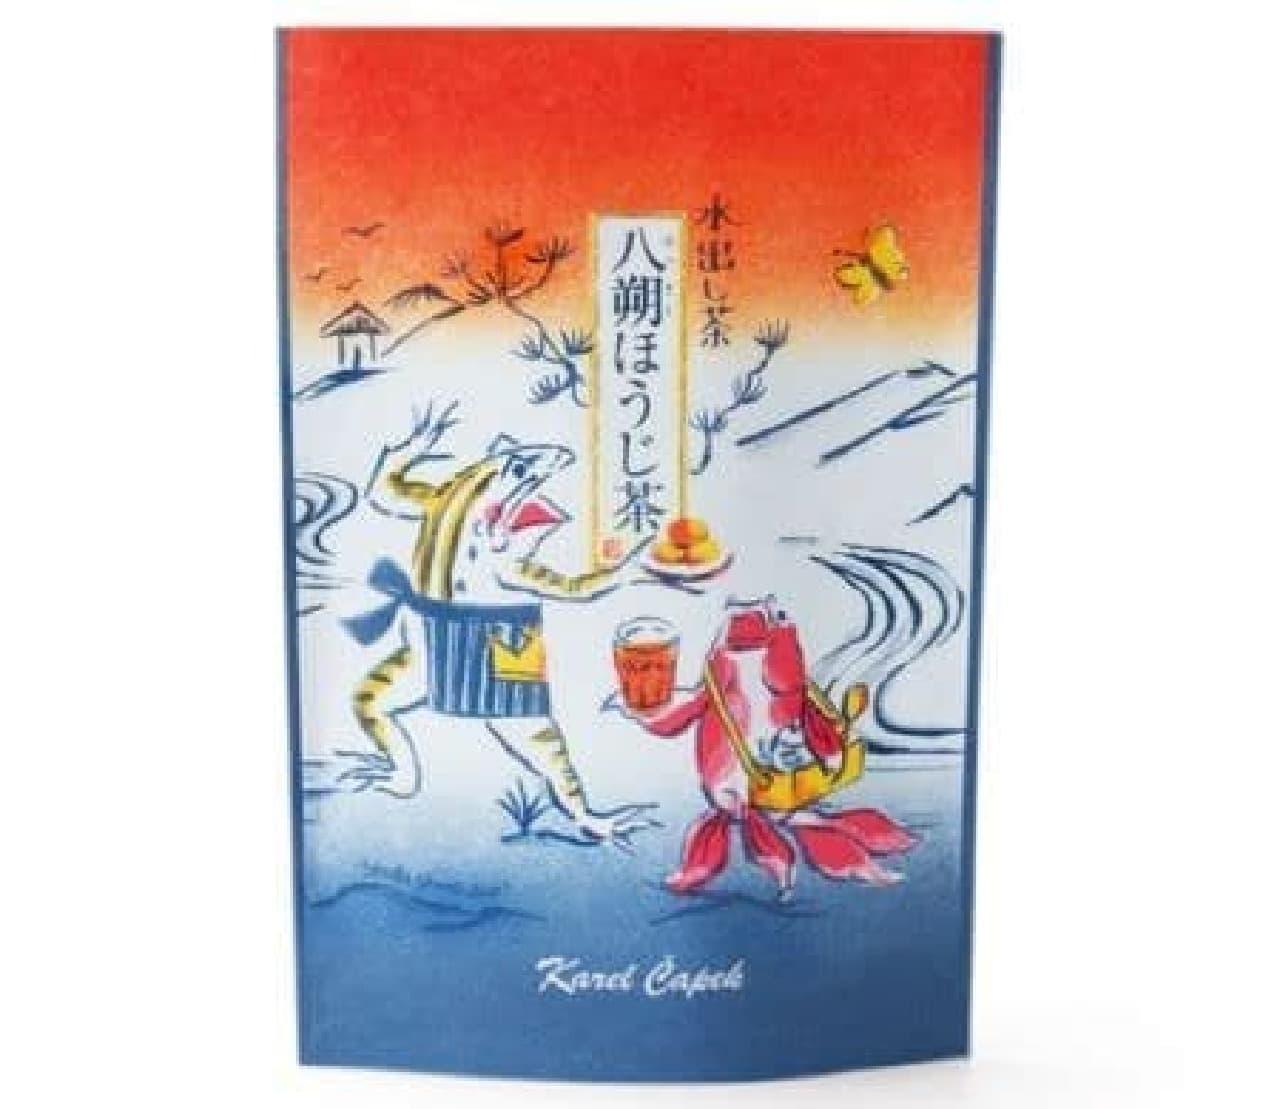 八朔ほうじ茶は、福岡県奥八女星野村の八女ほうじ茶に、みずみずしい八朔フレーバーが加えられたお茶